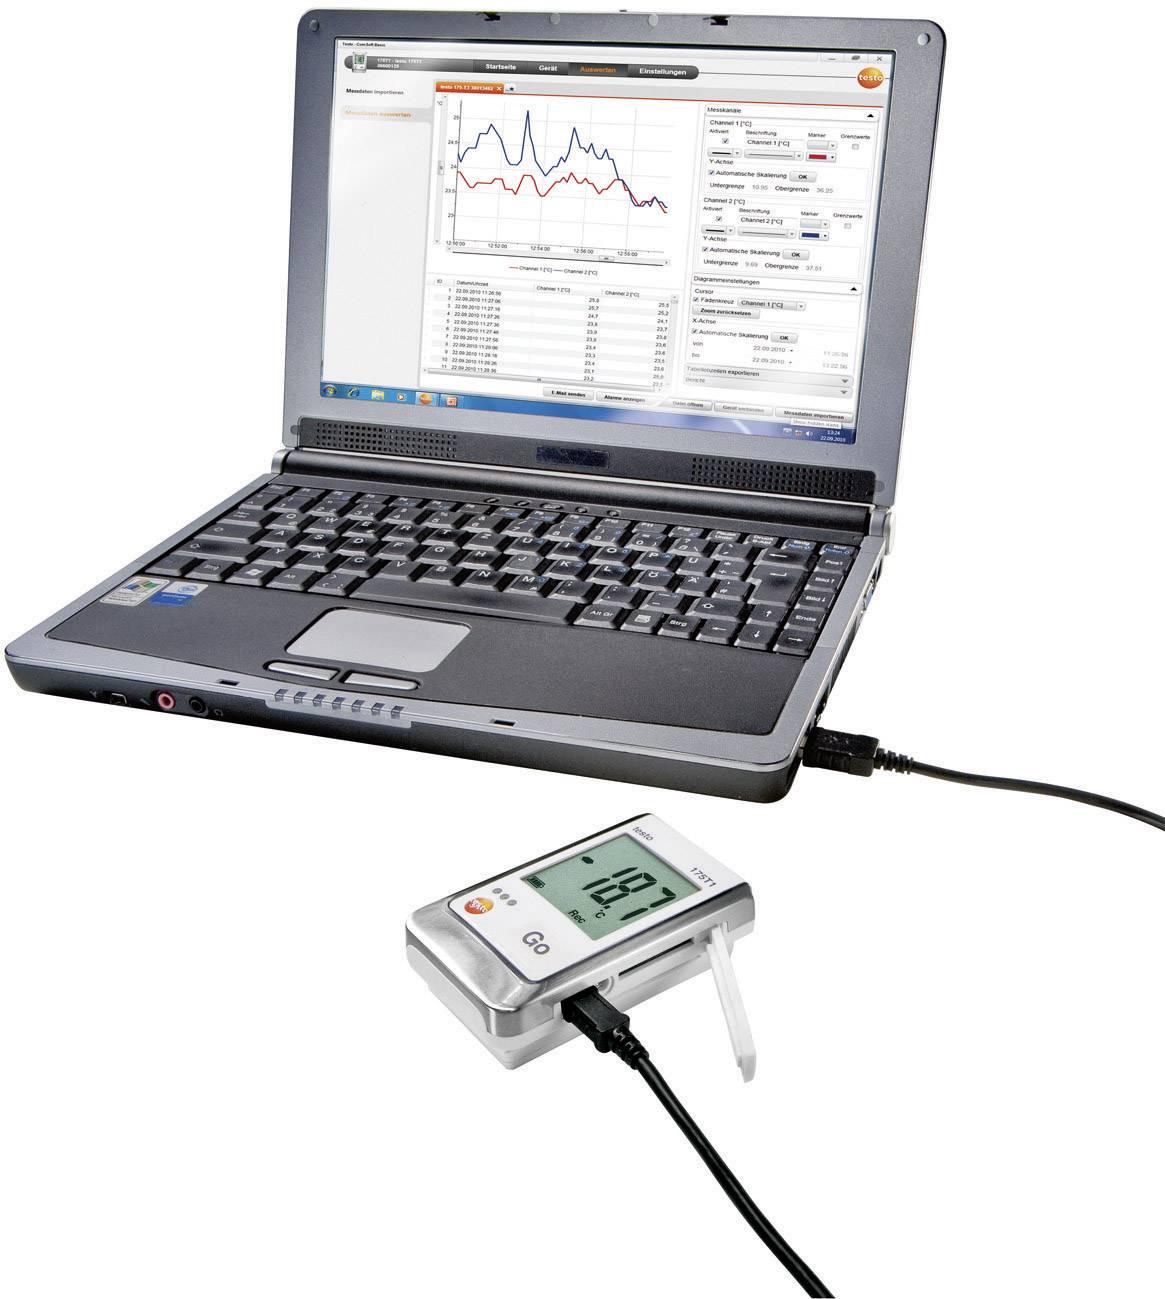 Teplotný/vlhkostný datalogger testo 176 H2, -20 až +70 °C